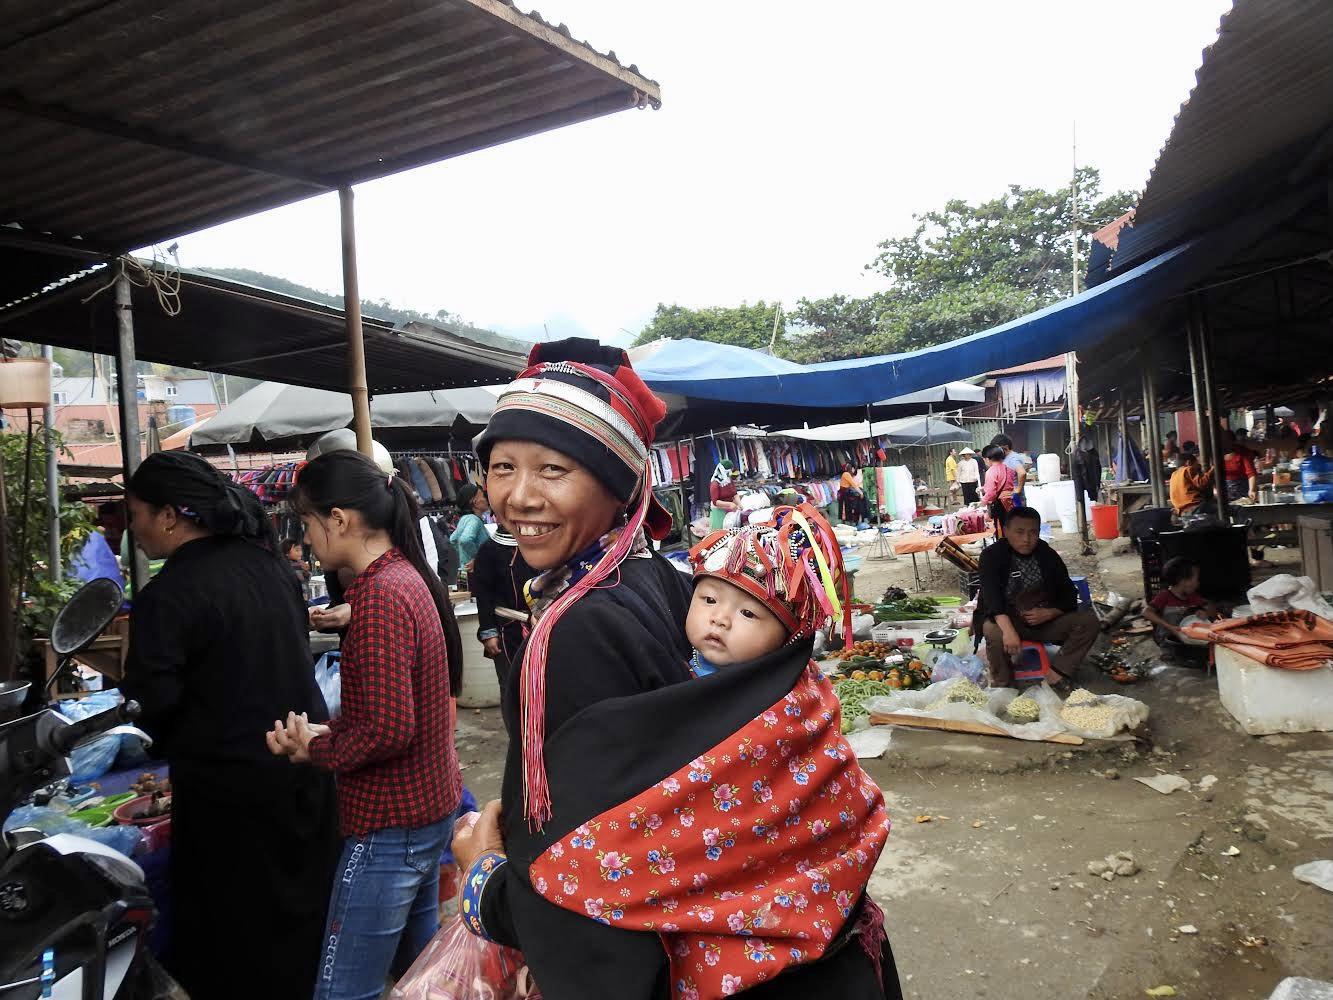 Người mẹ dân tộc Dao địu con xuống chợ.